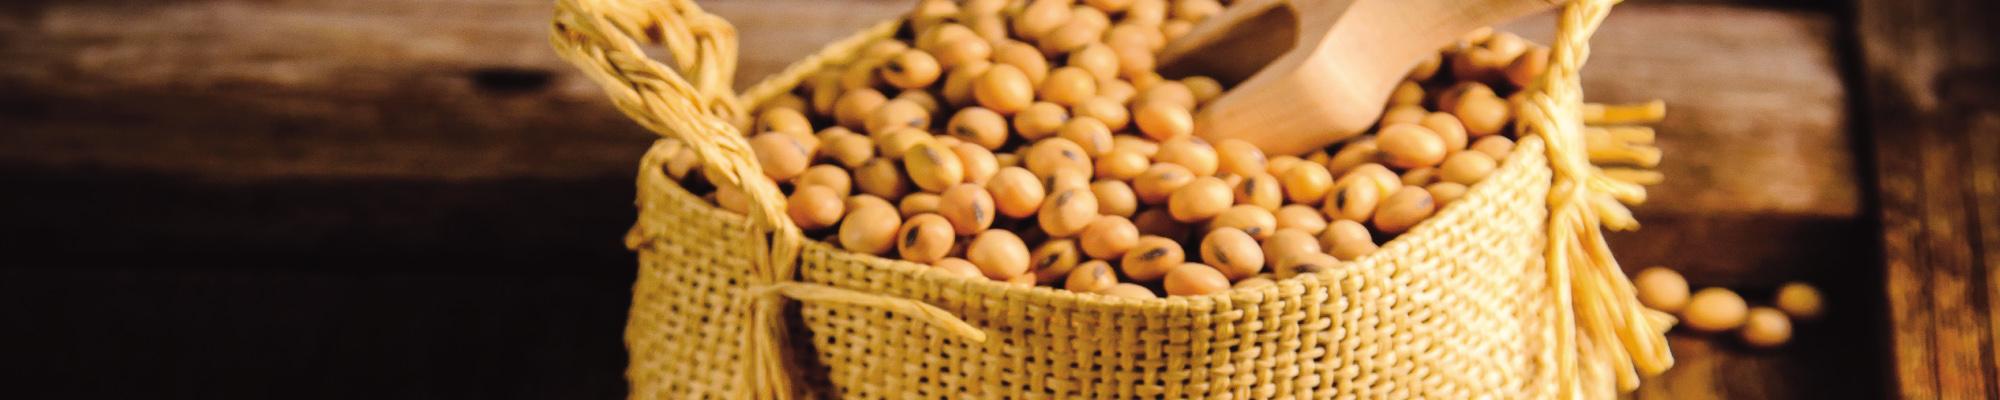 h_soybean2